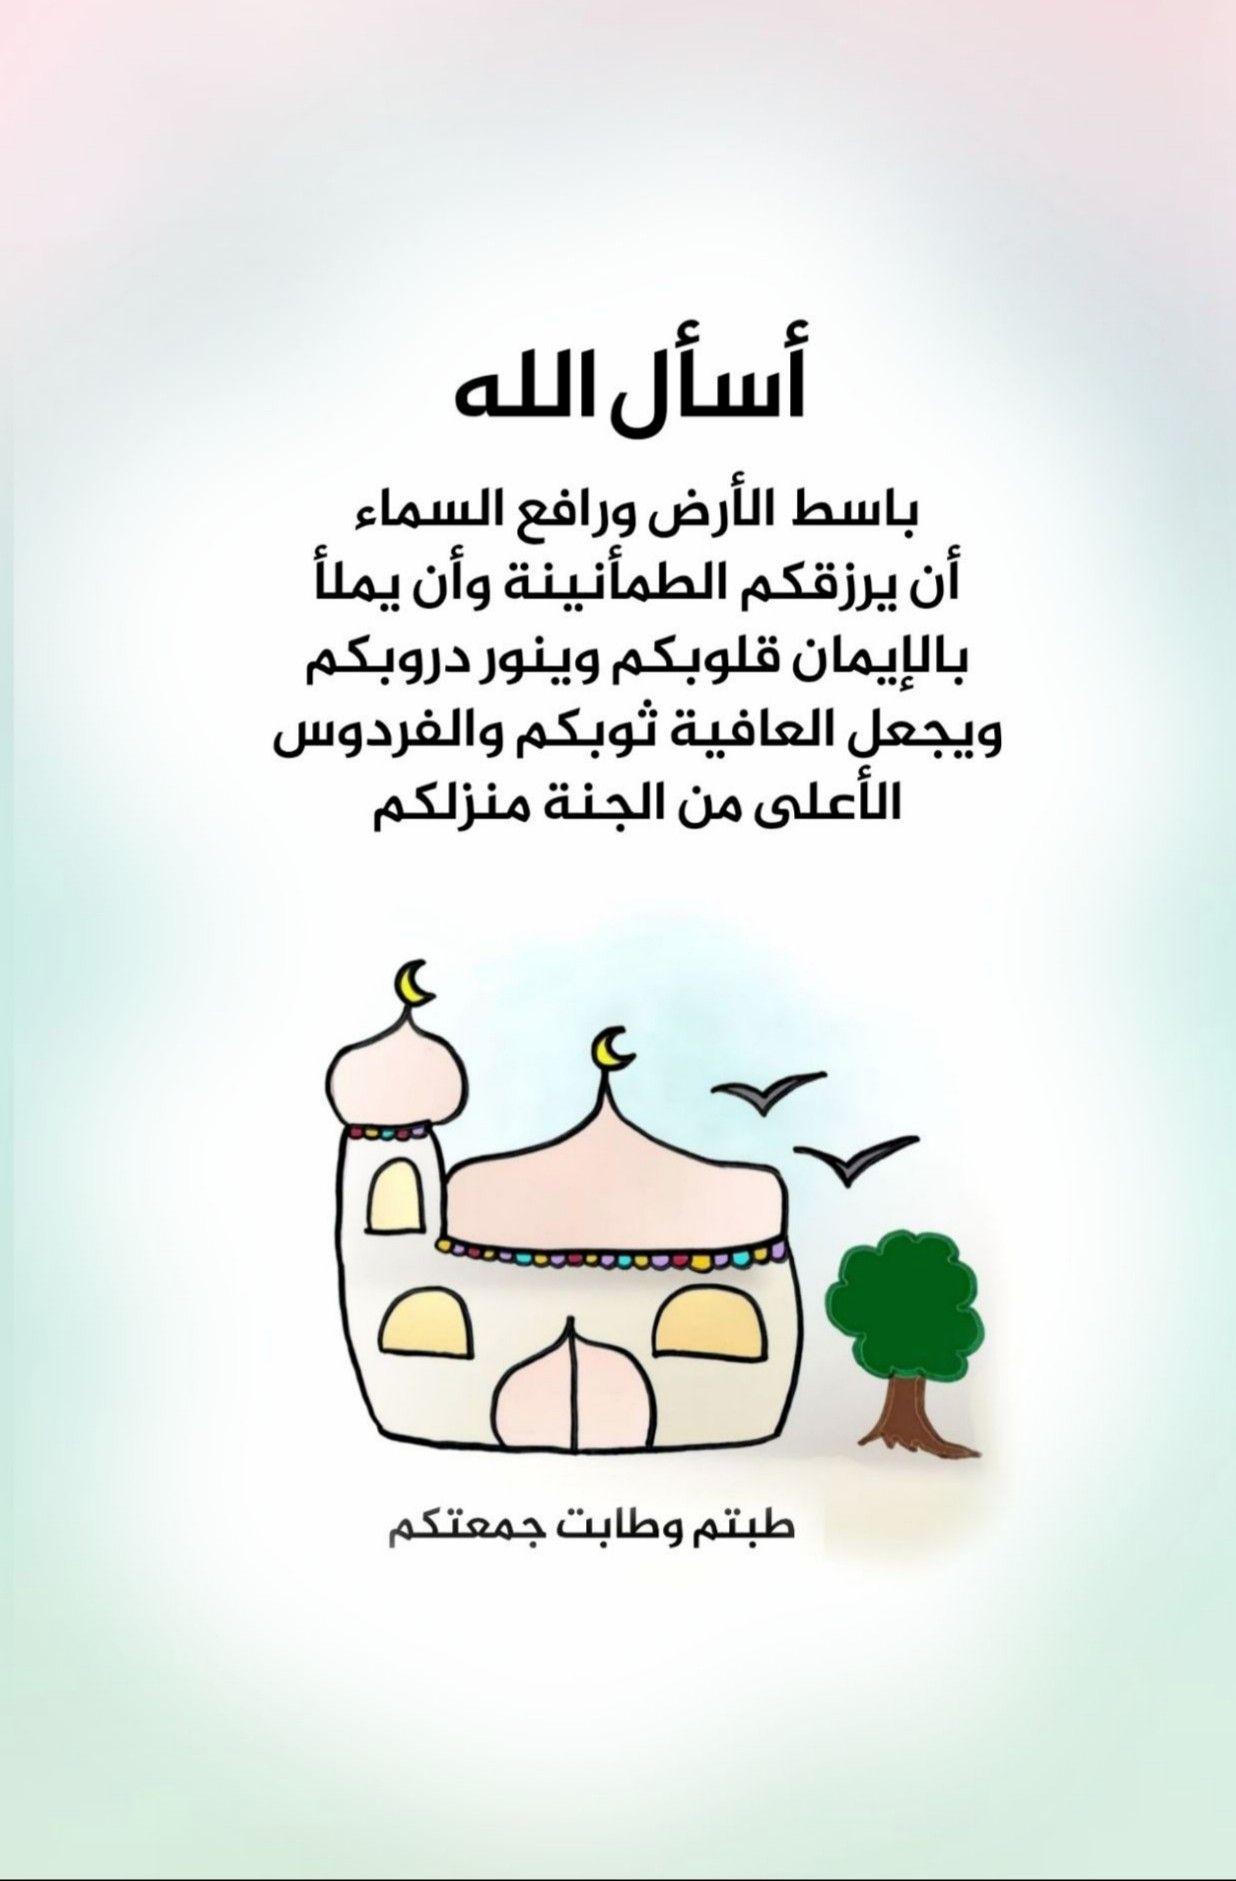 أسأل الله باسط الأرض ورافع السماء أن يرزقكم الطمأنينة وأن يملأ بالإيمان قلوبكم وينور دروبكم ويجعل الع Good Morning Messages Quran Quotes Love Cool Words